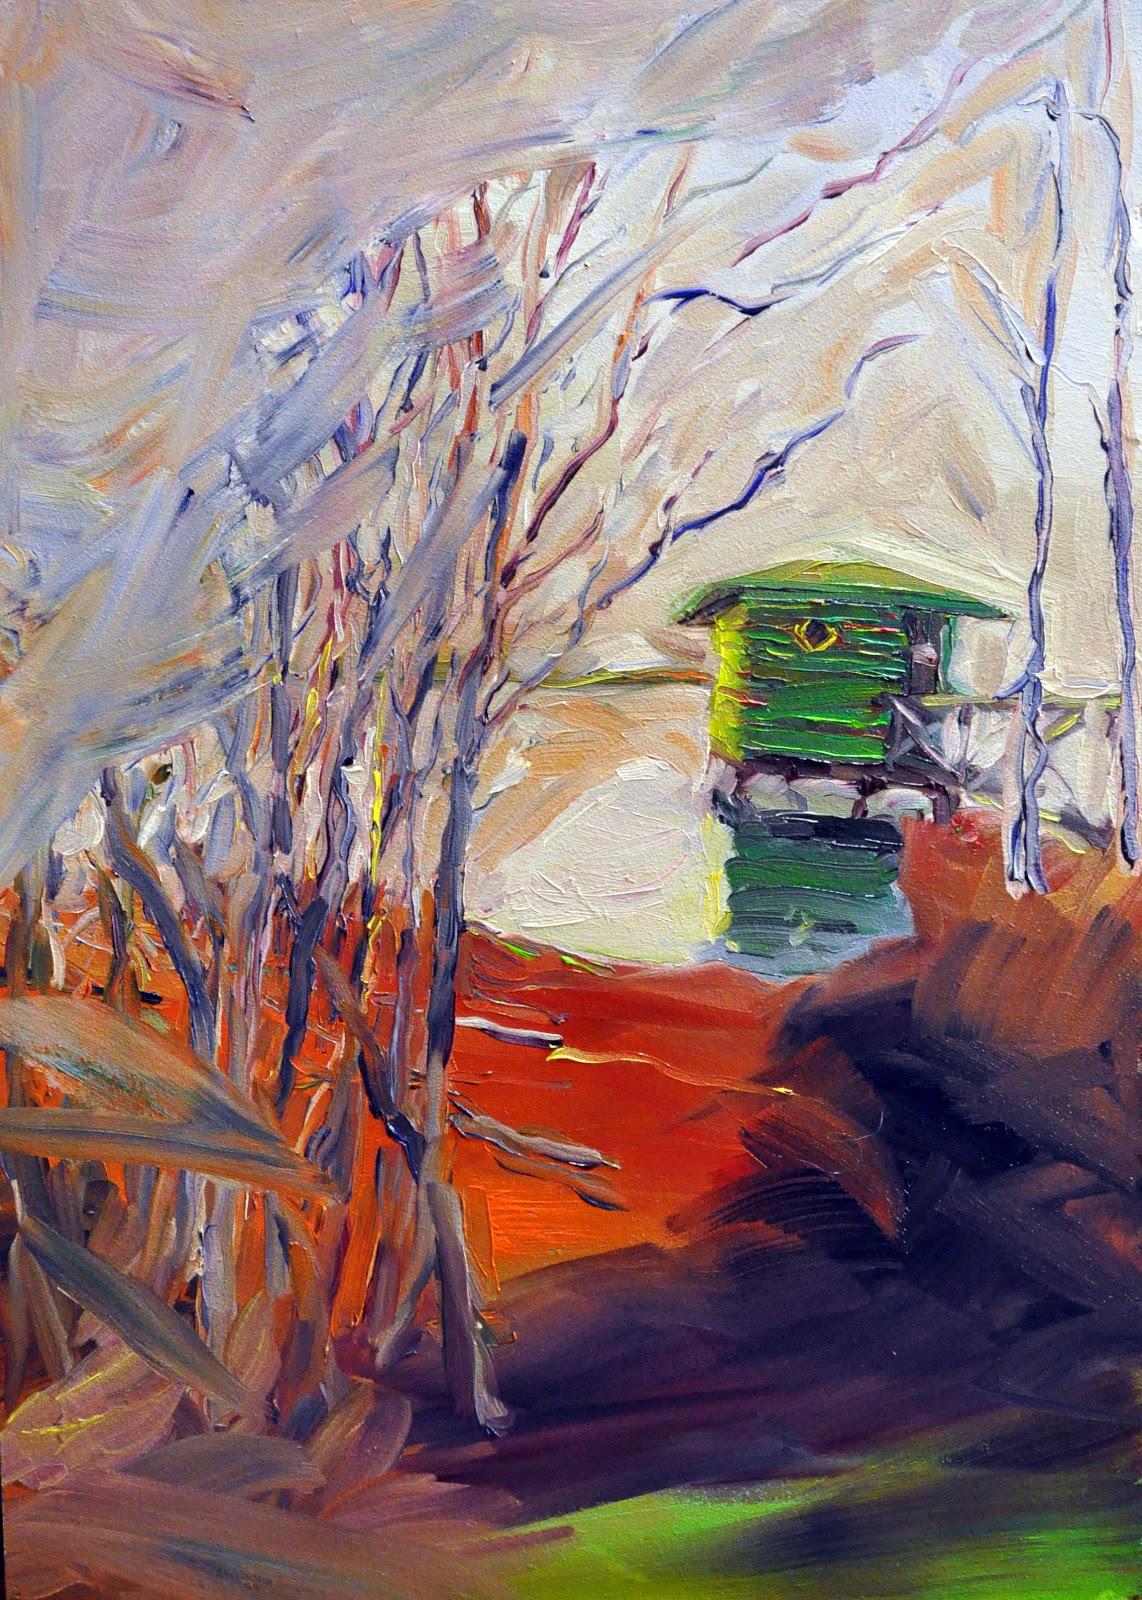 http://www.benoitdecque.com/2013/01/blog-post_27.html